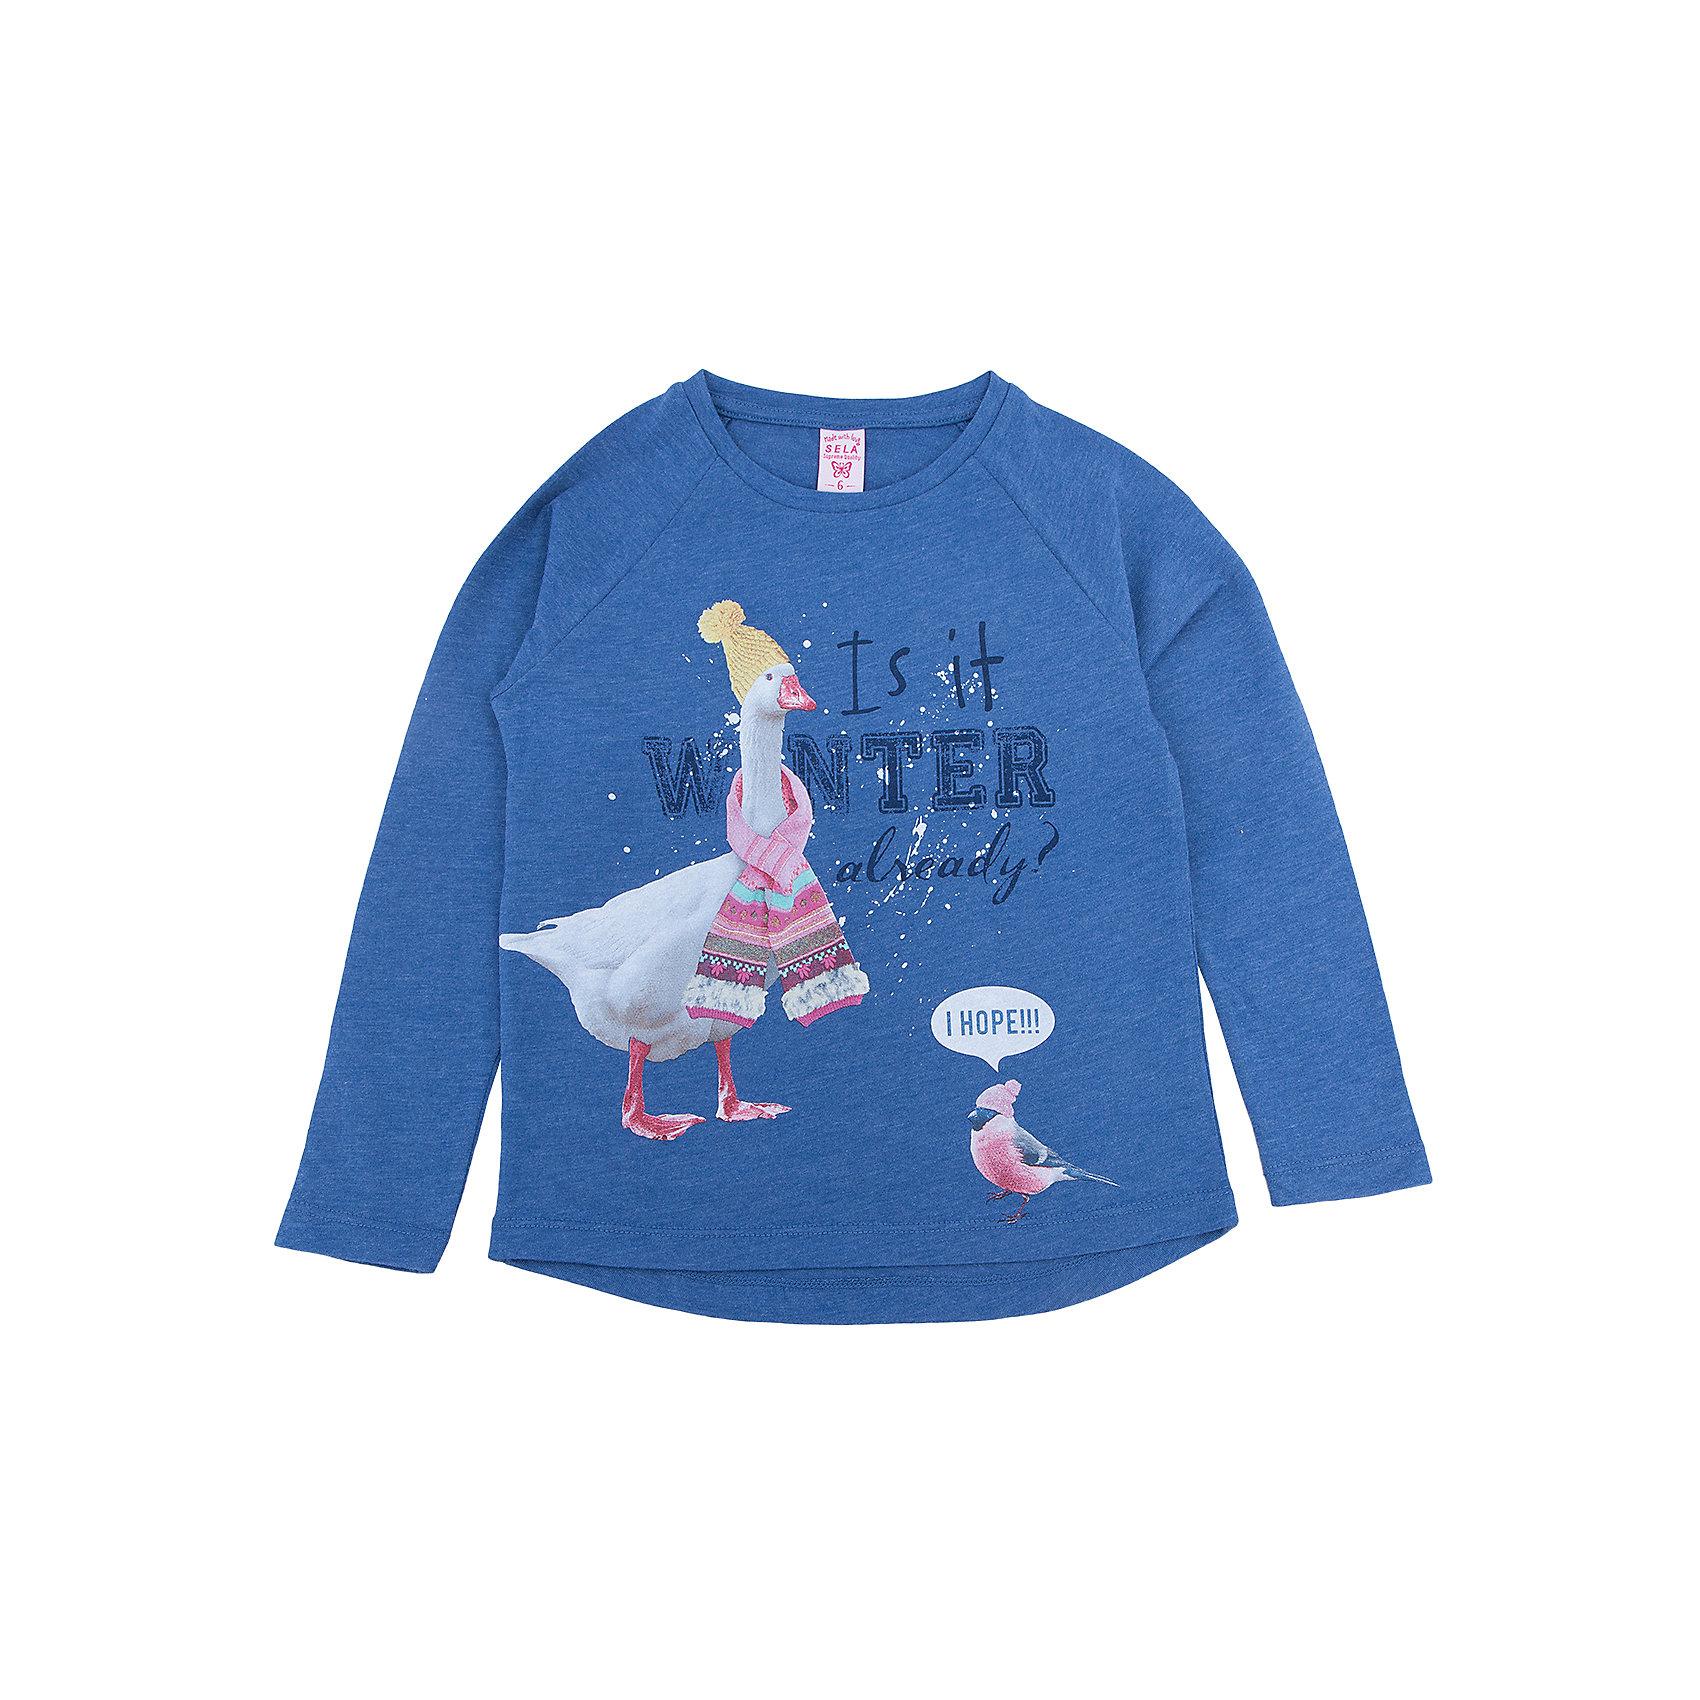 Футболка с длинным рукавом  для девочки SELAФутболки с длинным рукавом<br>Футболка с длинным рукавом  - незаменимая вещь в прохладное время года. Эта модель отлично сидит на ребенке, она сделана из приятного на ощупь материала, мягкая и дышащая. Натуральный хлопок в составе ткани не вызывает аллергии и обеспечивает ребенку комфорт. Модель станет отличной базовой вещью, которая будет уместна в различных сочетаниях.<br>Одежда от бренда Sela (Села) - это качество по приемлемым ценам. Многие российские родители уже оценили преимущества продукции этой компании и всё чаще приобретают одежду и аксессуары Sela.<br><br>Дополнительная информация:<br><br>материал: 100% хлопок;<br>длинный рукав;<br>украшен принтом.<br><br>Футболка с длинным рукавом  для девочки от бренда Sela можно купить в нашем интернет-магазине.<br><br>Ширина мм: 190<br>Глубина мм: 74<br>Высота мм: 229<br>Вес г: 236<br>Цвет: синий<br>Возраст от месяцев: 132<br>Возраст до месяцев: 144<br>Пол: Женский<br>Возраст: Детский<br>Размер: 152,116,122,128,134,140,146<br>SKU: 5020367